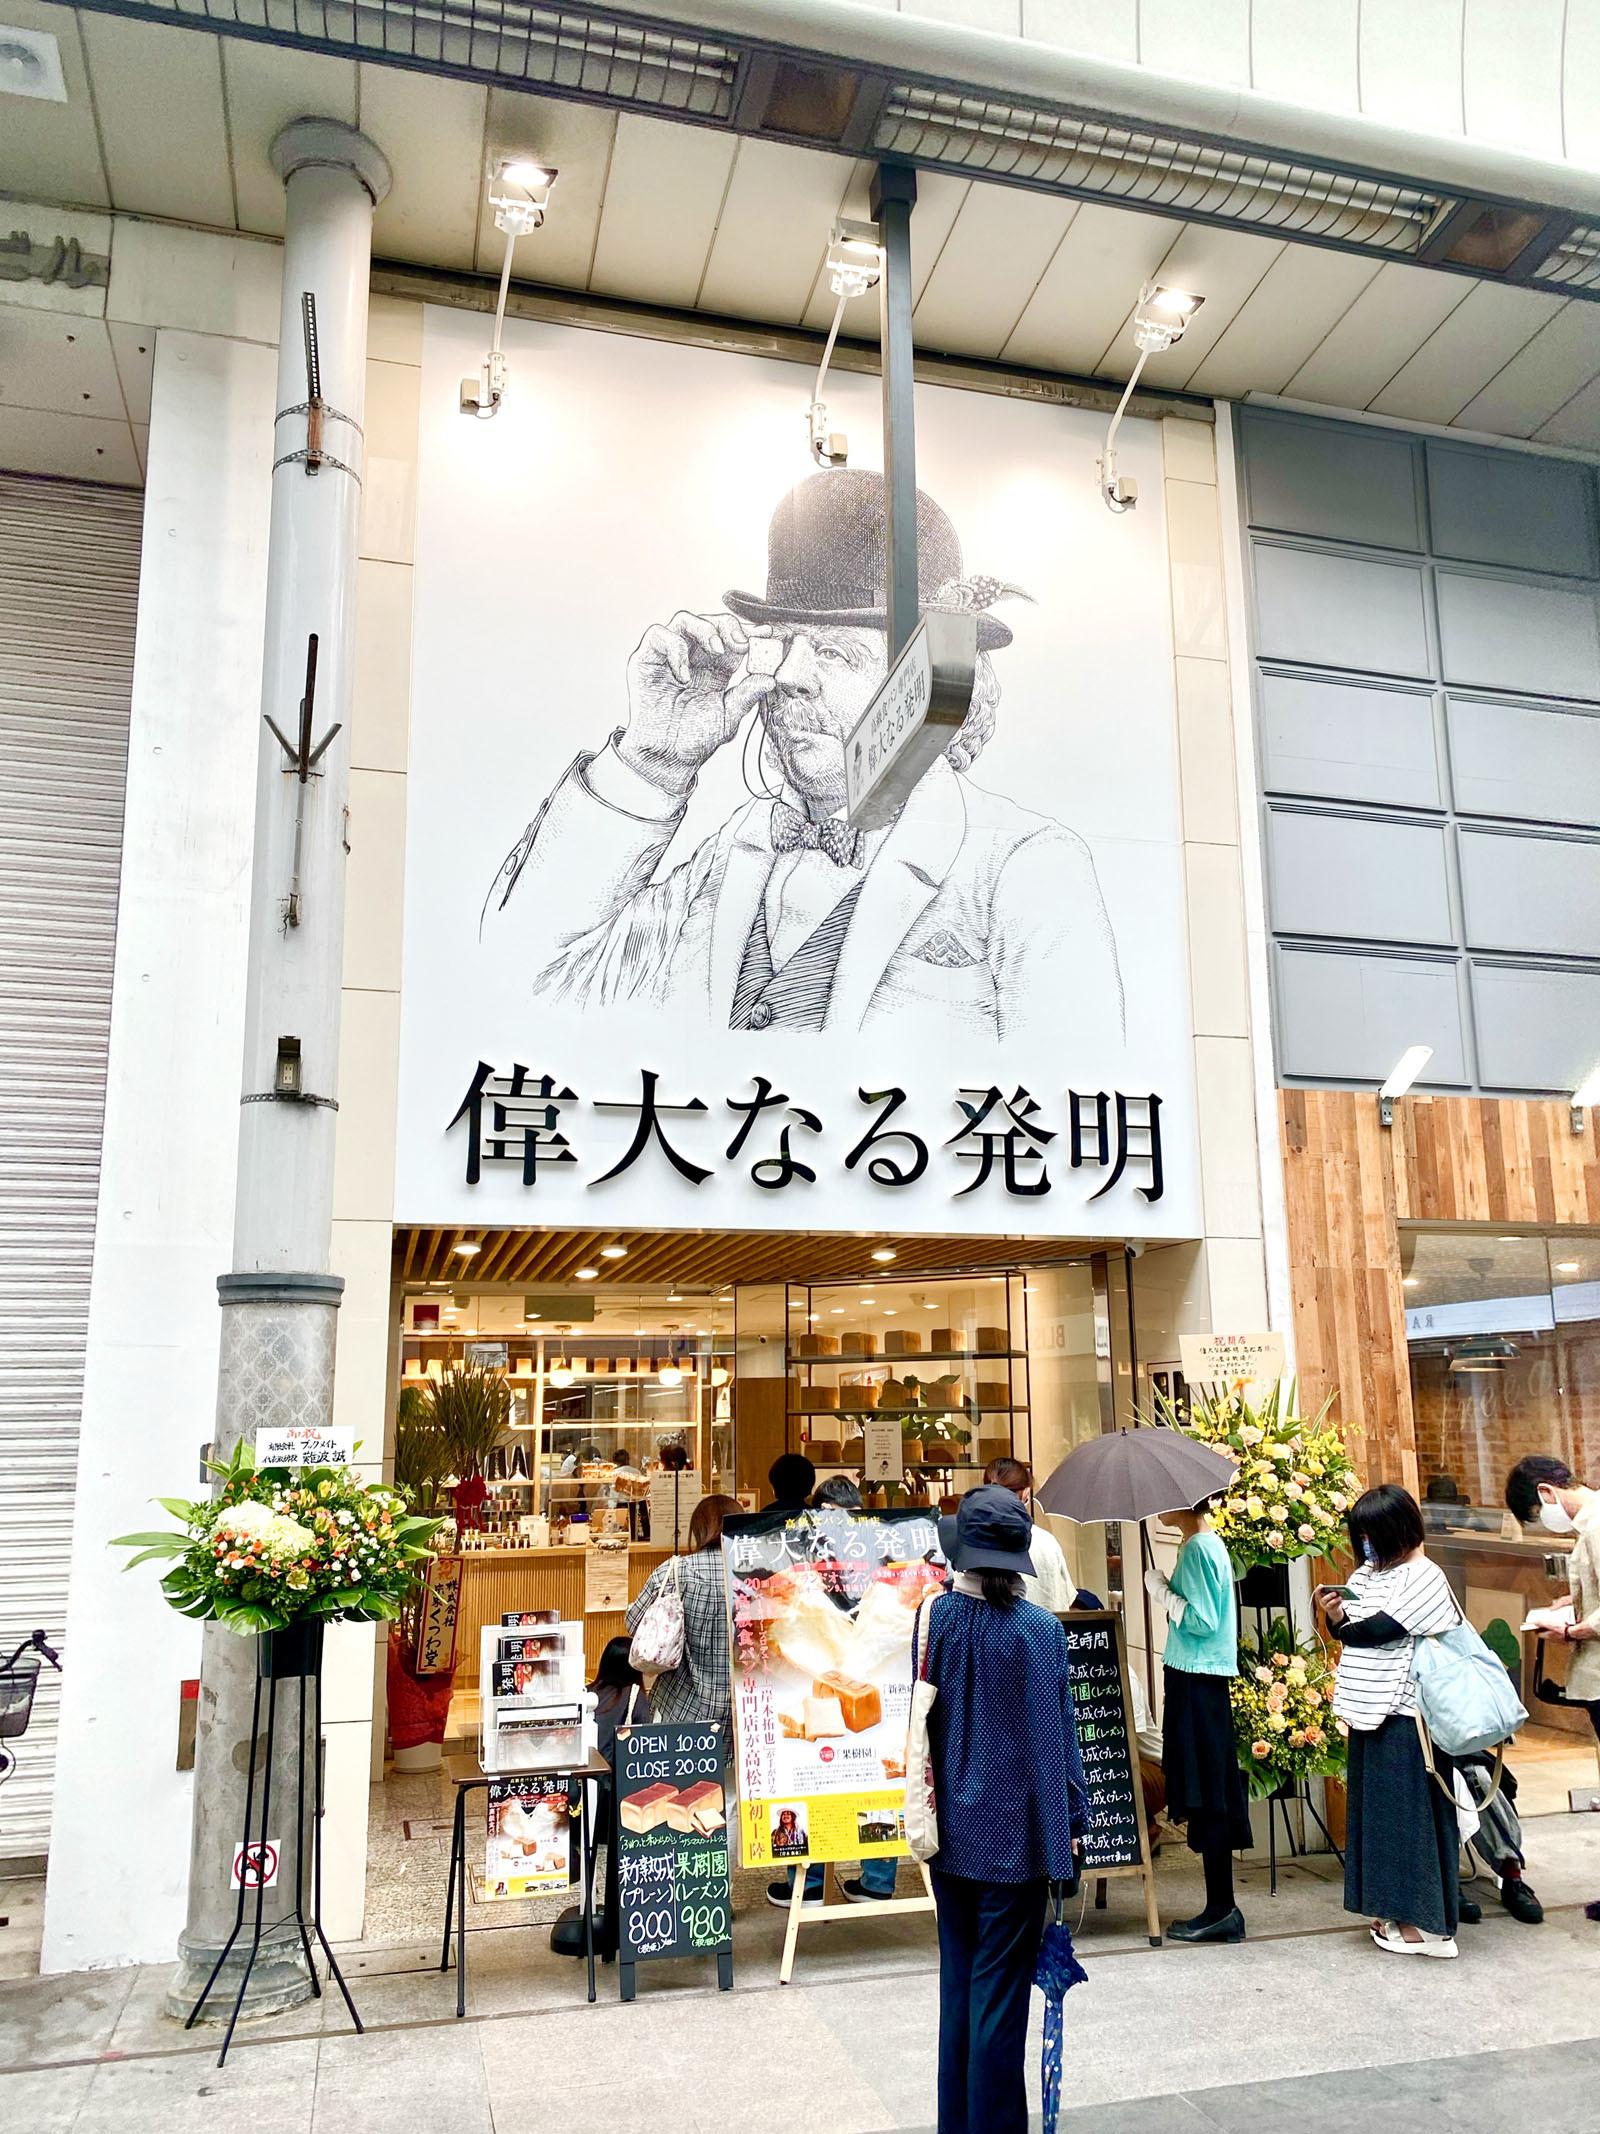 偉大なる発明 店舗